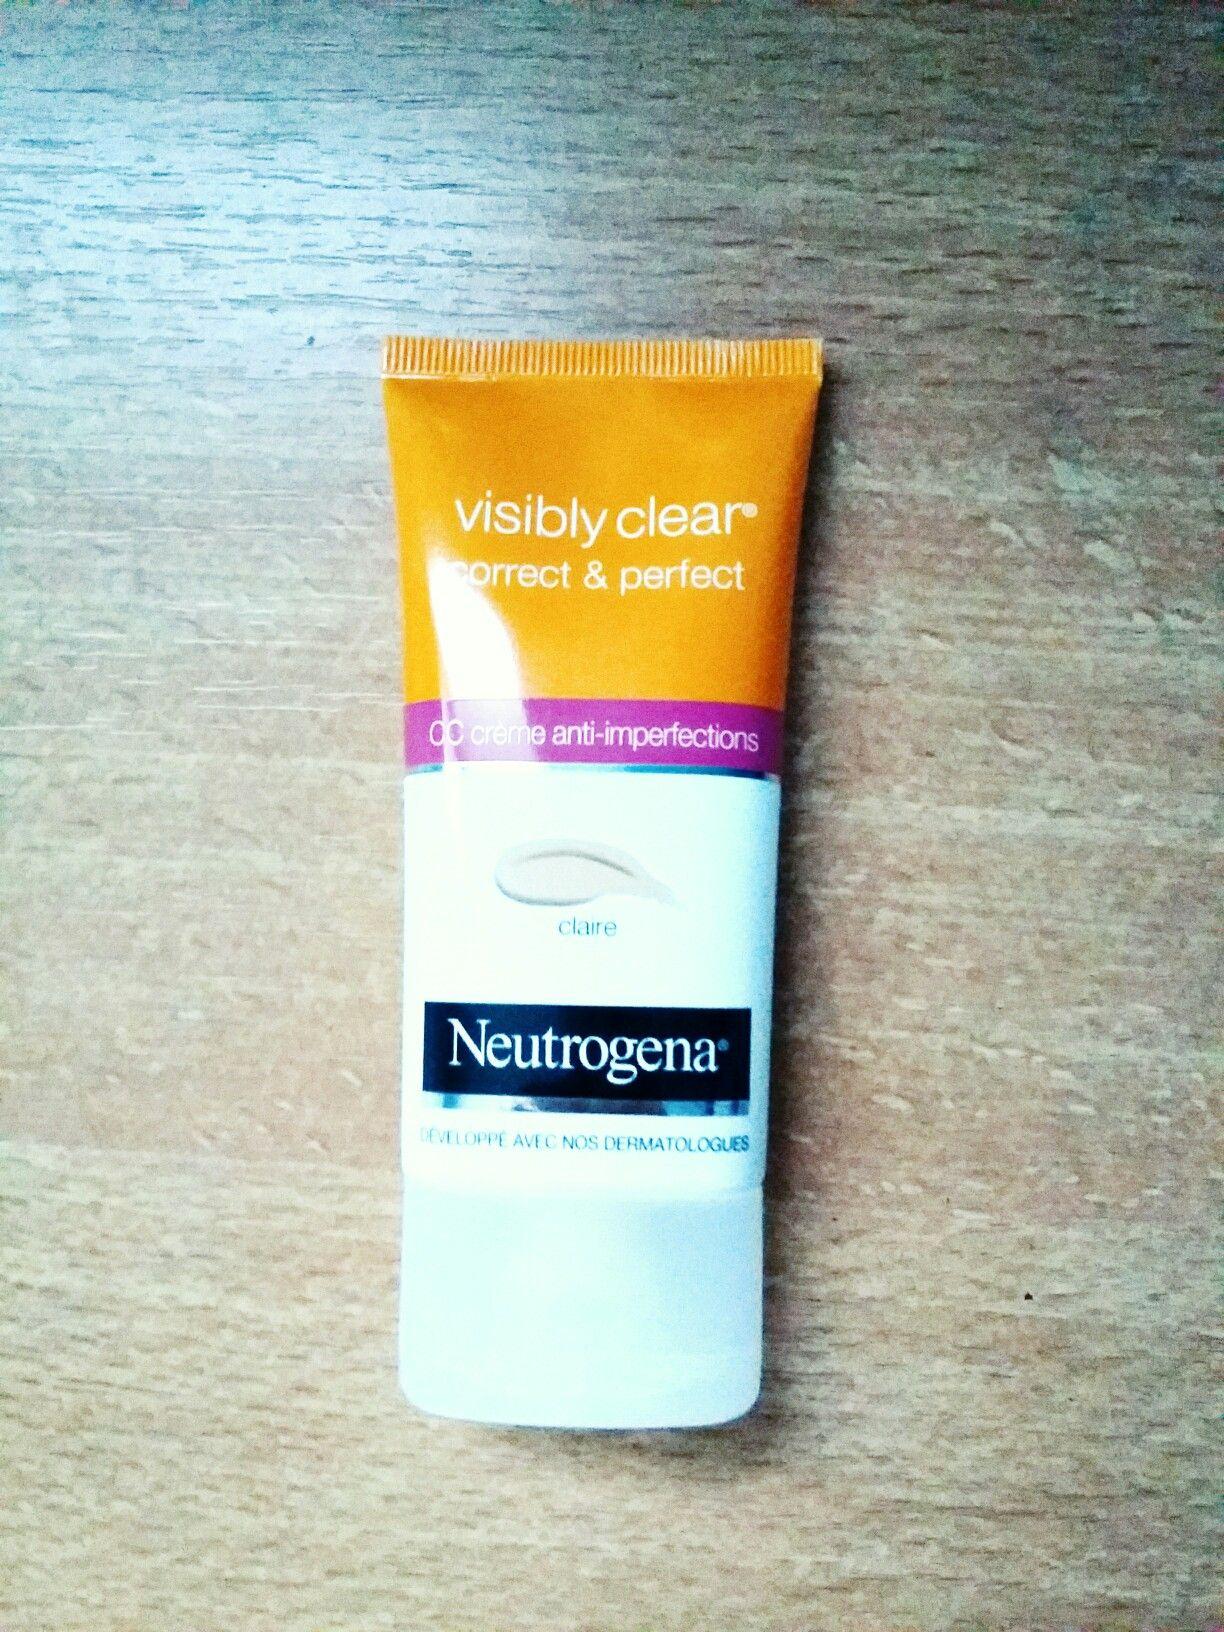 CC crème/gamme neutrogena/teinte claire/agréable à appliquer